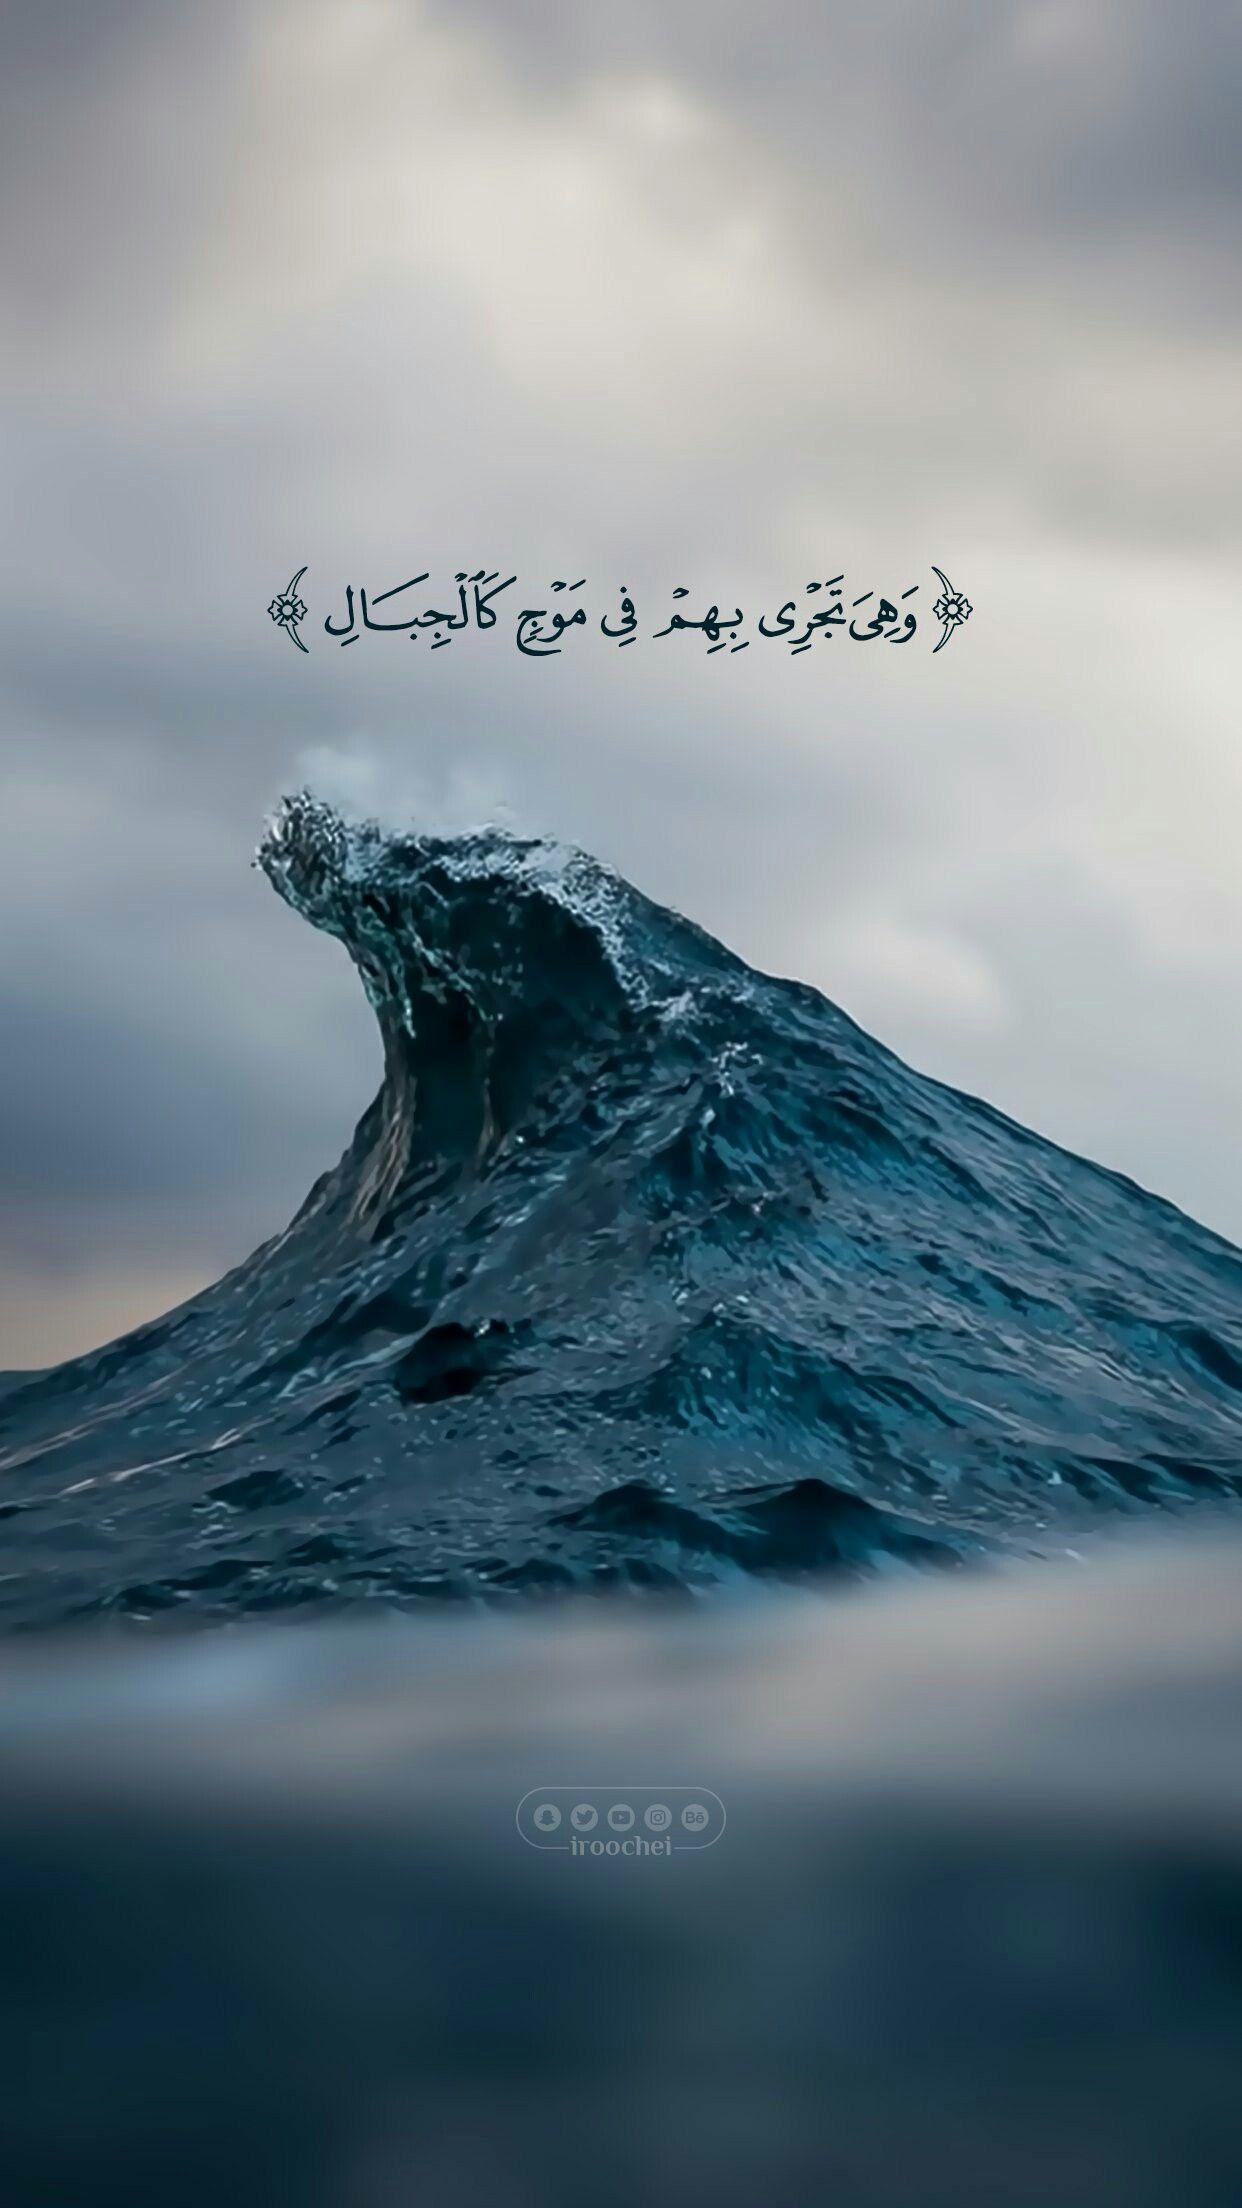 وهي تجري بهم في موج كالجبال Quran Quotes Verses Islamic Pictures Quran Quotes Love